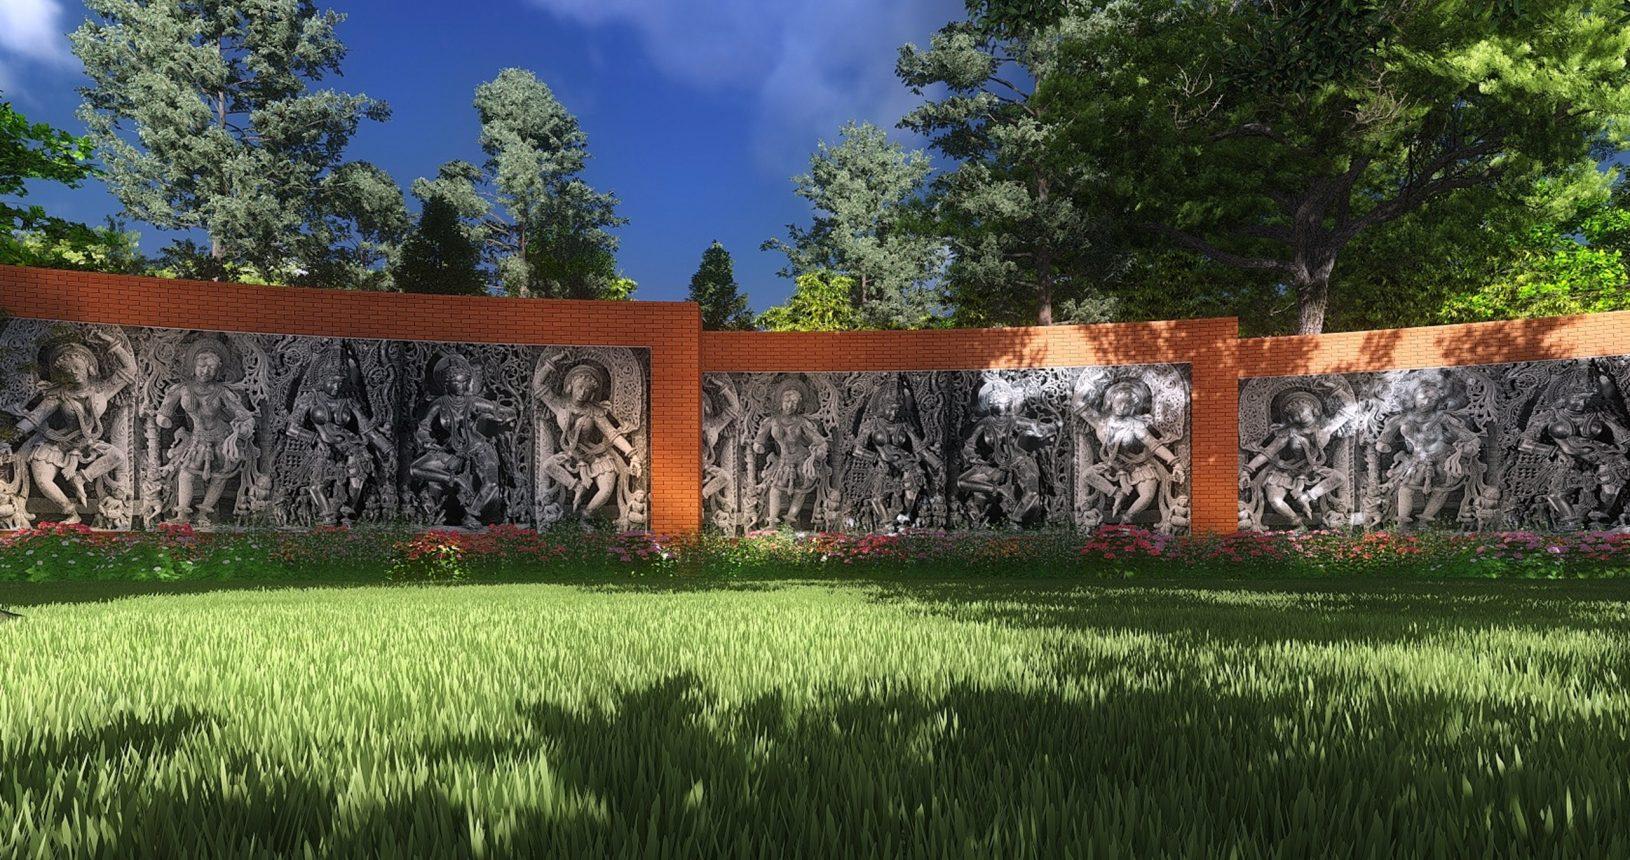 relief-wall-taman-perdamaian-dunia-soerjo-modjopahit